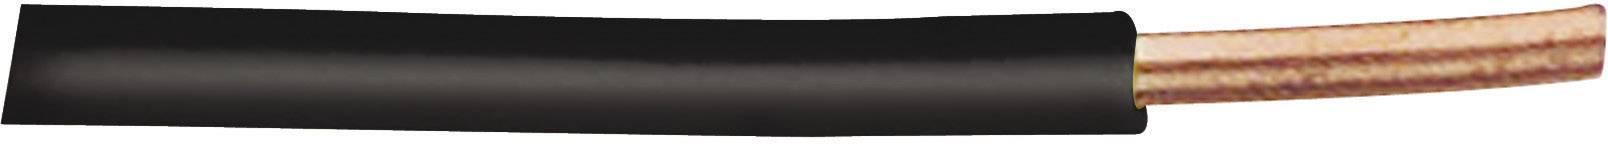 Drátové vedení XBK-Kabel H07V-U, 1x 2,50 mm², PVC, 4 mm², Ø 4,10 mm, 1 m, černá